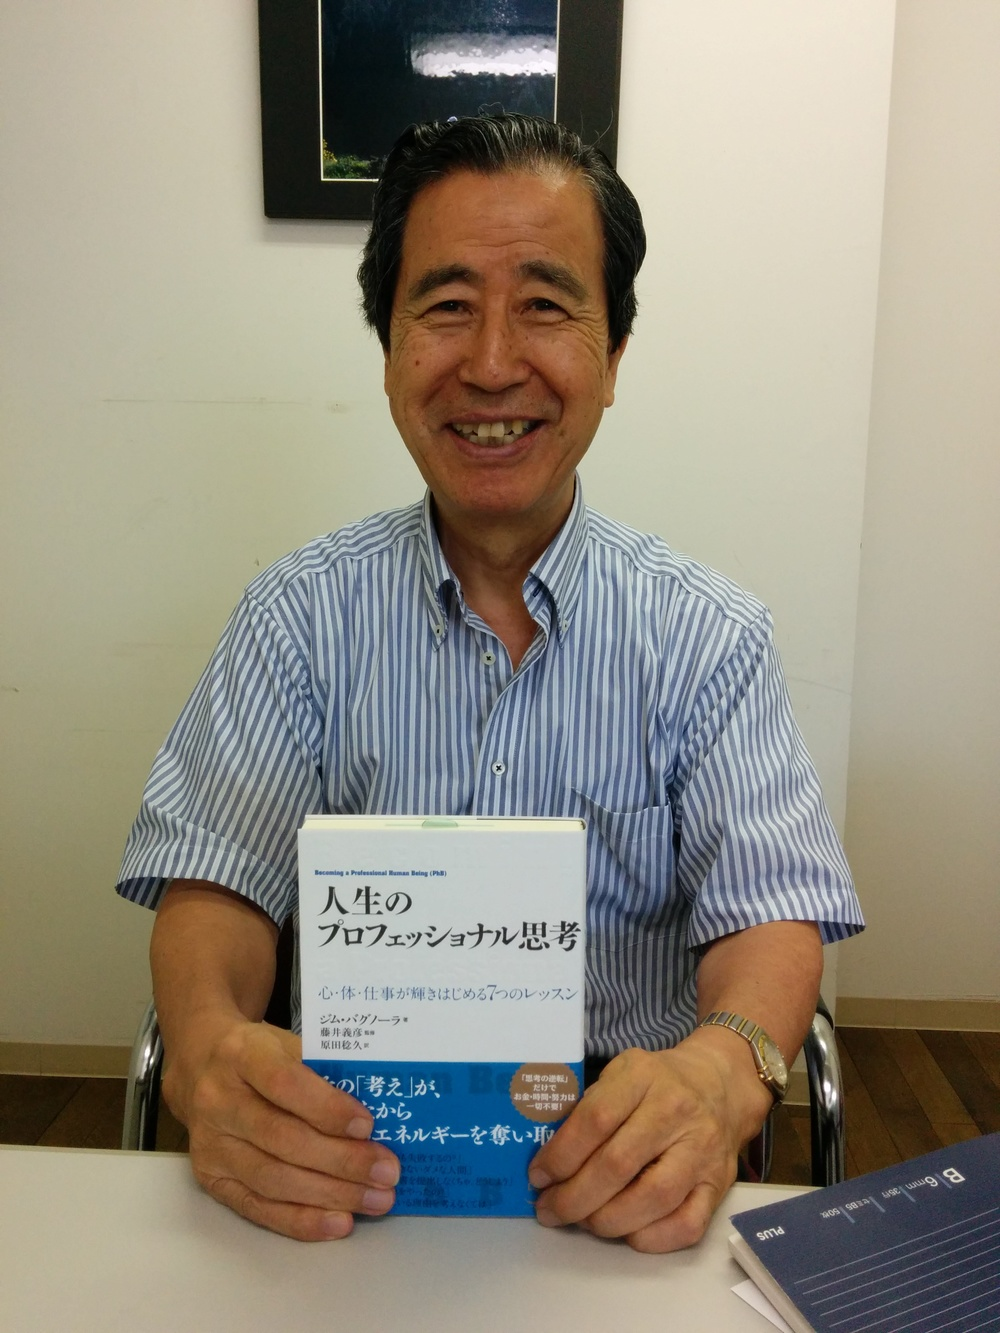 ガンガー総合研究所・藤井義彦様です